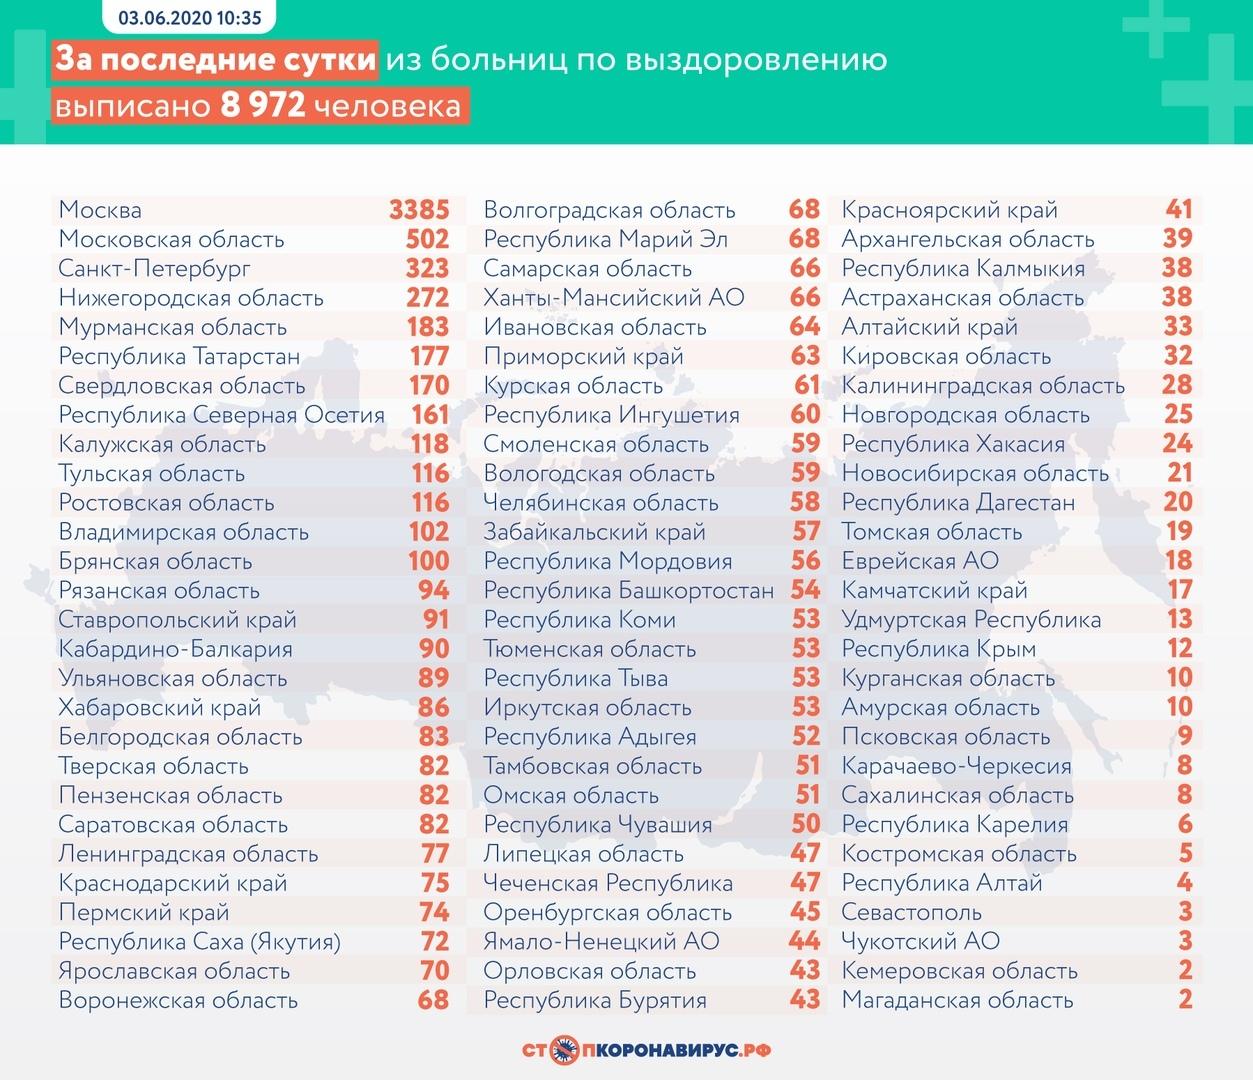 коронавирусная инфекция COVID-19 Россия Нижегородская область